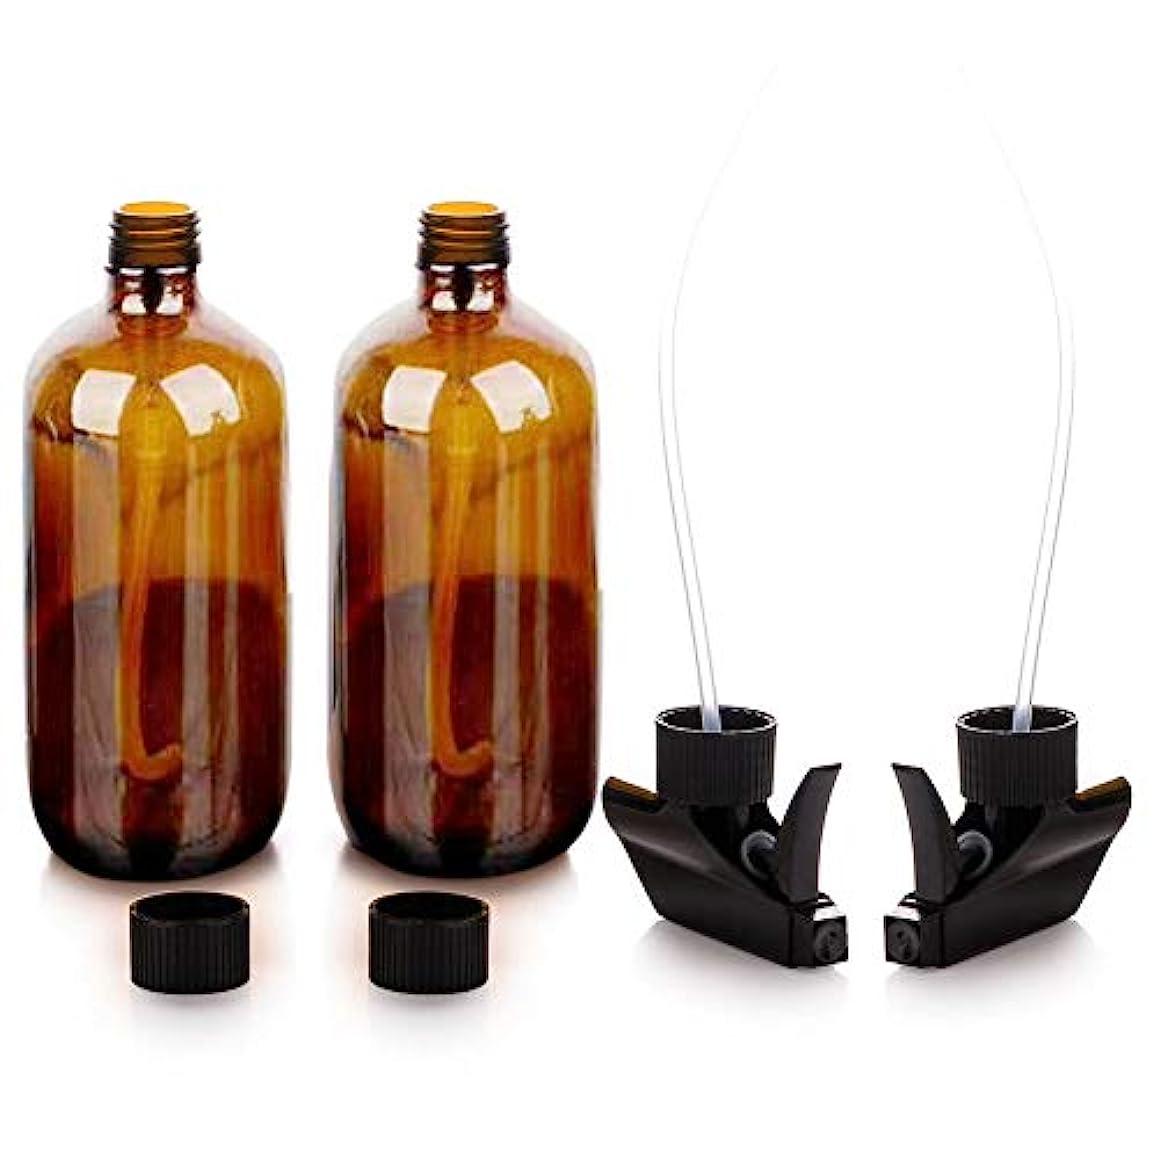 ホームレス雇用カウントアップスプレーボトル 遮光瓶 ガラス 微細 ミスト噴霧器 サロン理髪スプレー 植栽ツール 2ボトルキャップ付き 茶色